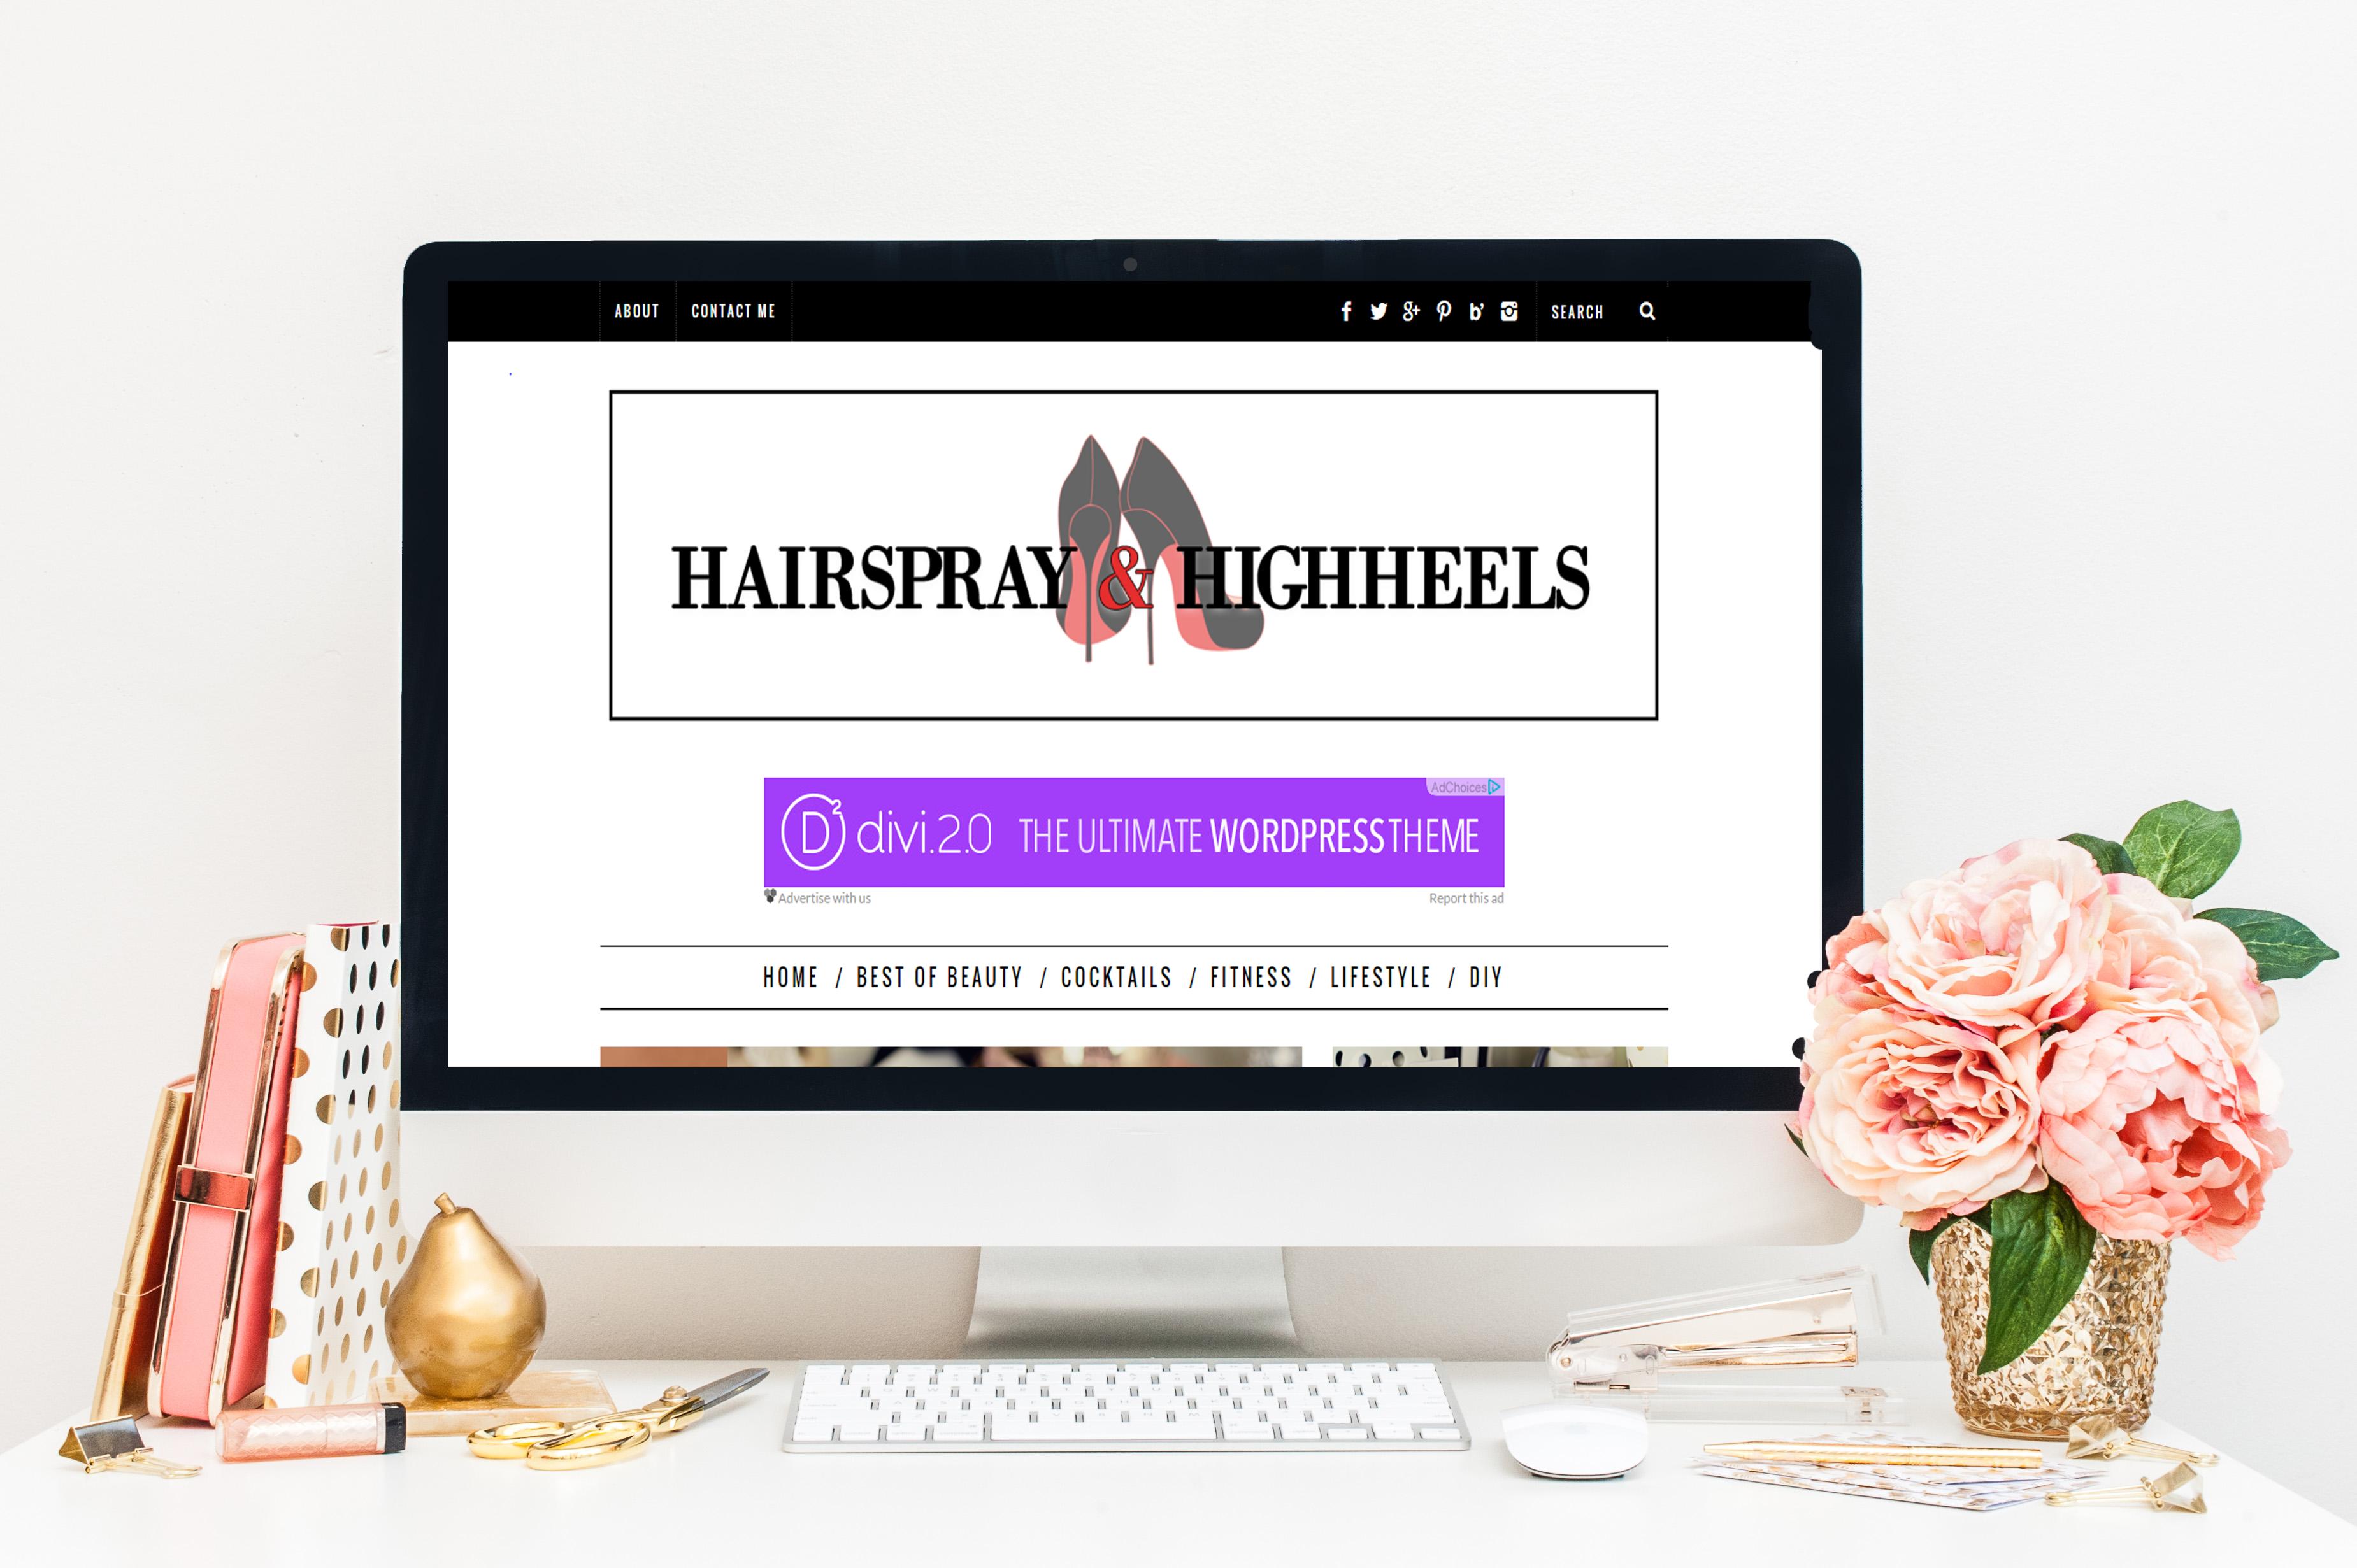 Hairspray and Highheels